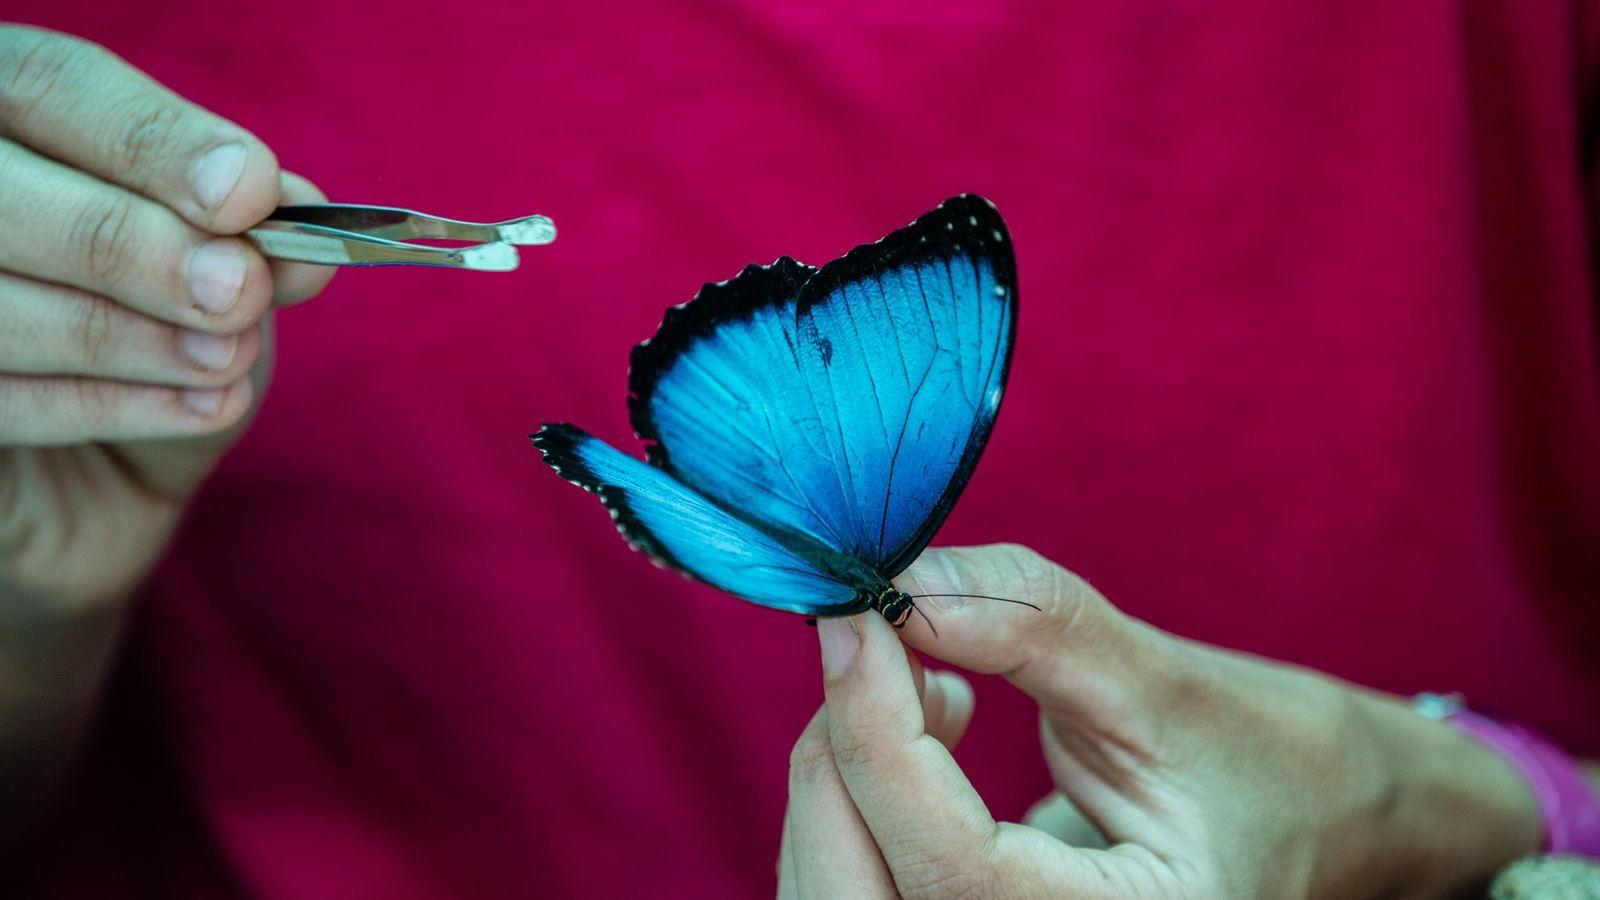 Carolina Velez, uma entomologista da expedição, examina uma brilhante borboleta azul conhecida como Morpho helenor peleides.